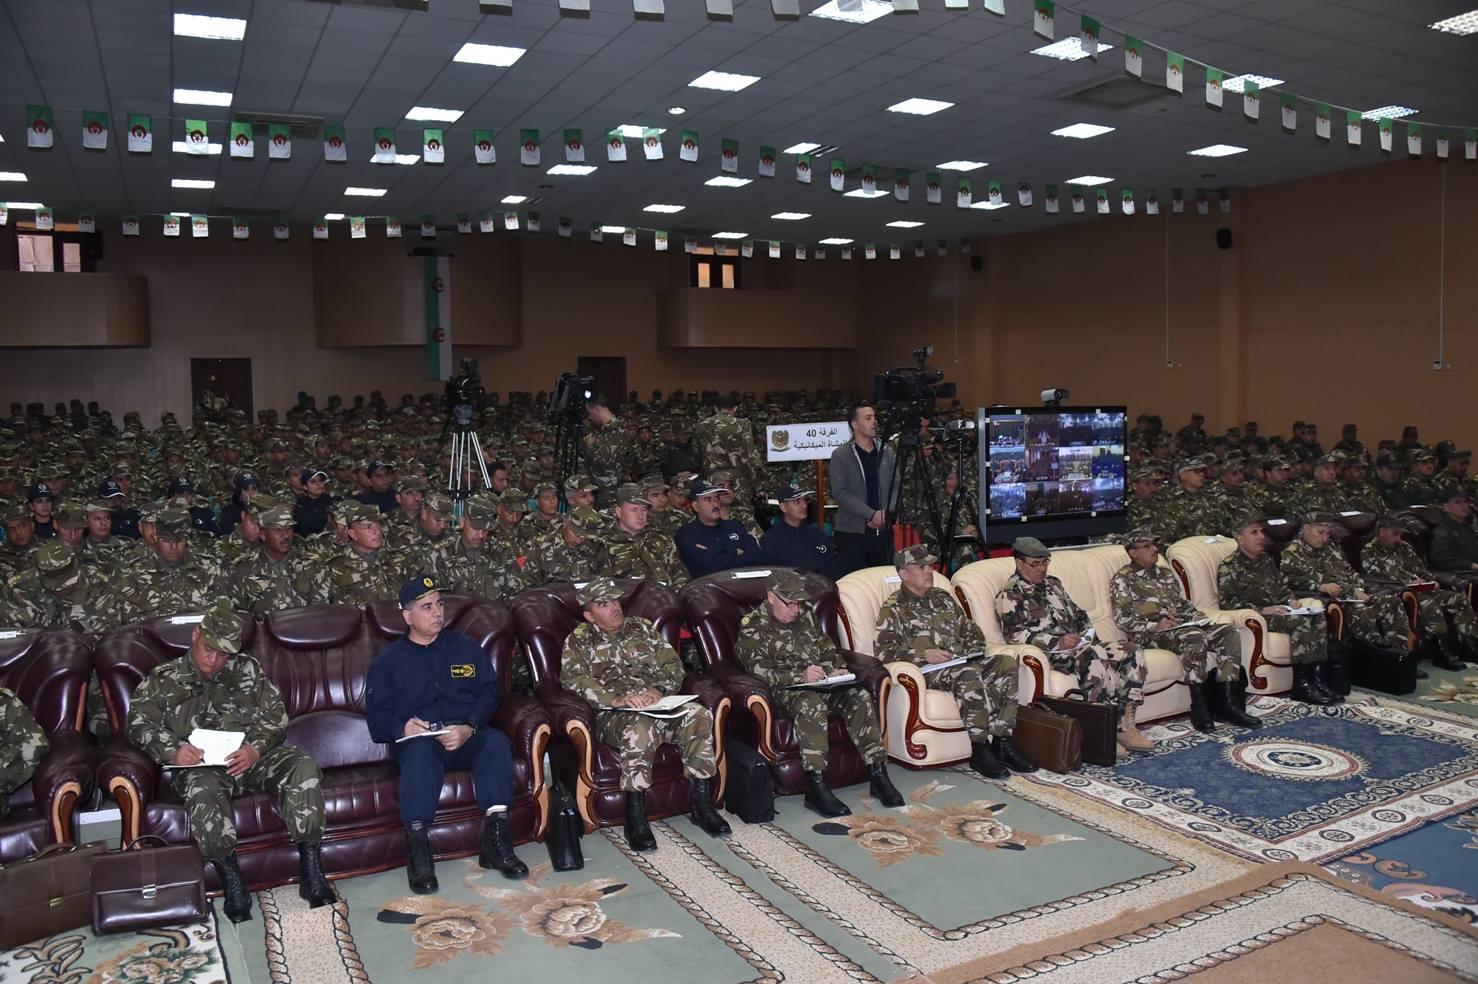 الجزائر : صلاحيات نائب وزير الدفاع الوطني - صفحة 5 30578648880_9360bb7896_o